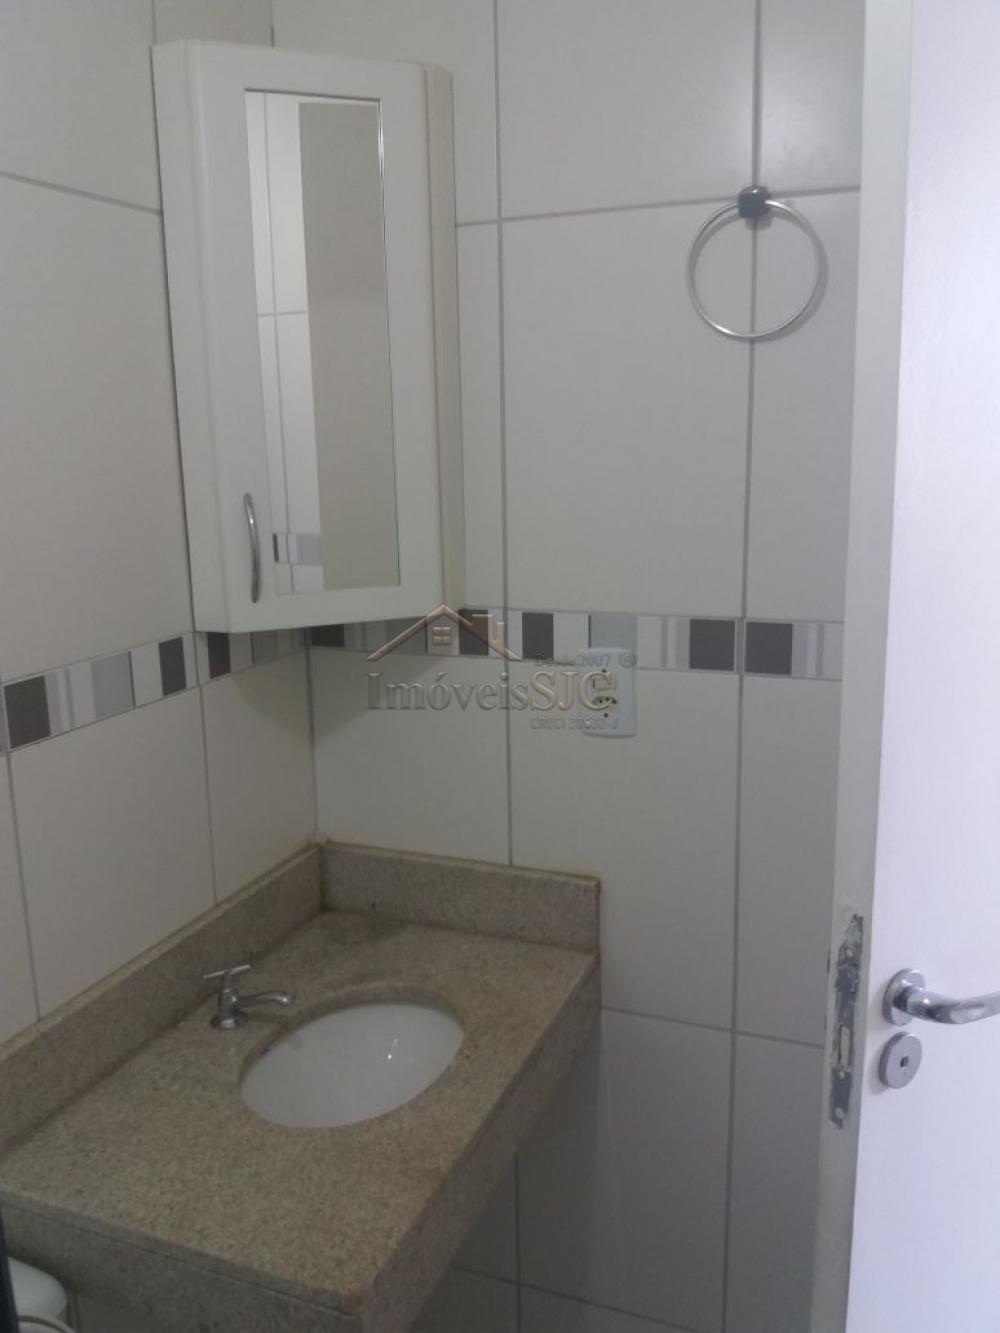 Comprar Apartamentos / Padrão em São José dos Campos apenas R$ 185.500,00 - Foto 4